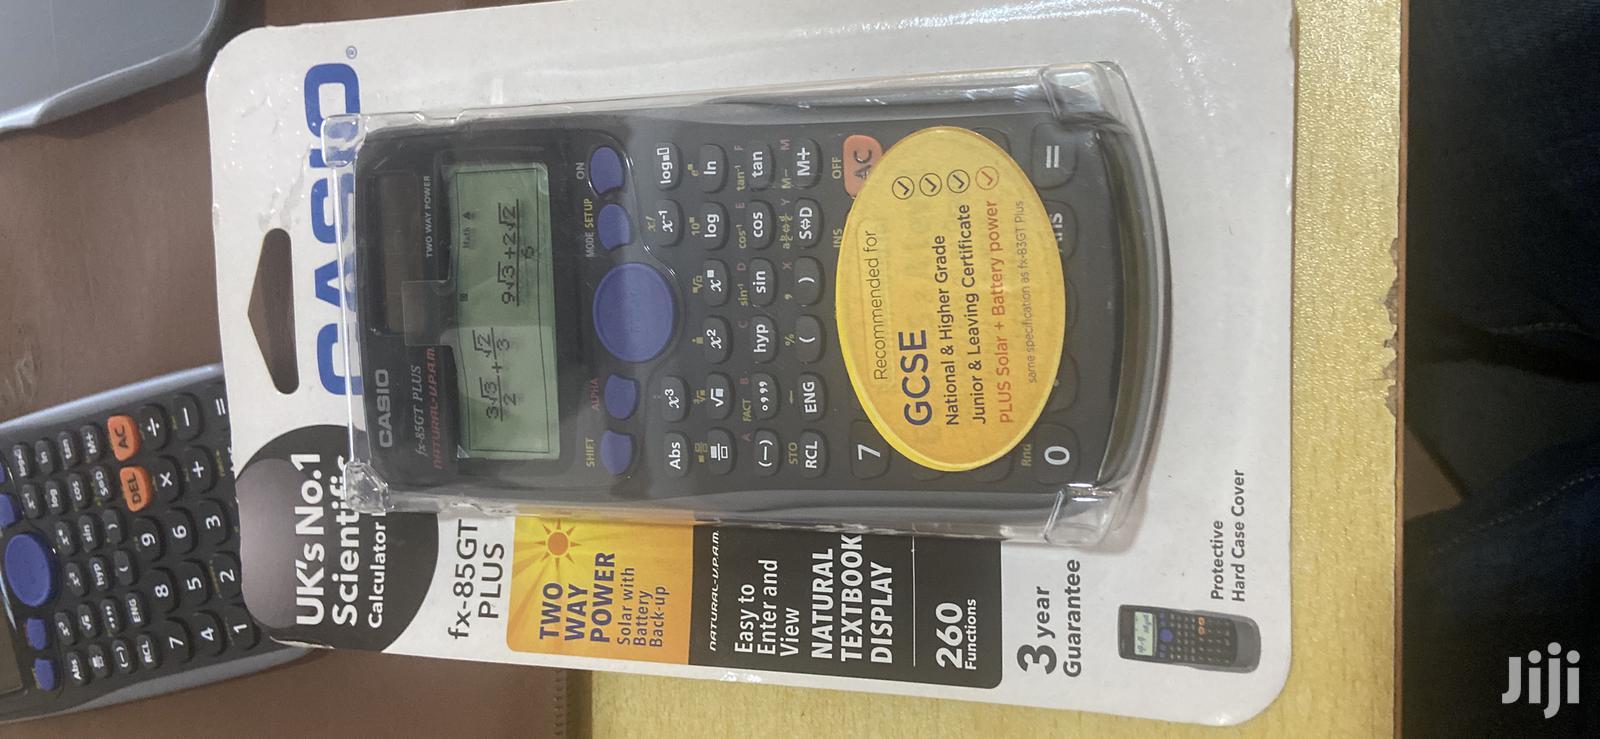 Archive: Original Casio FX-85GT Plus Scientific Calculator